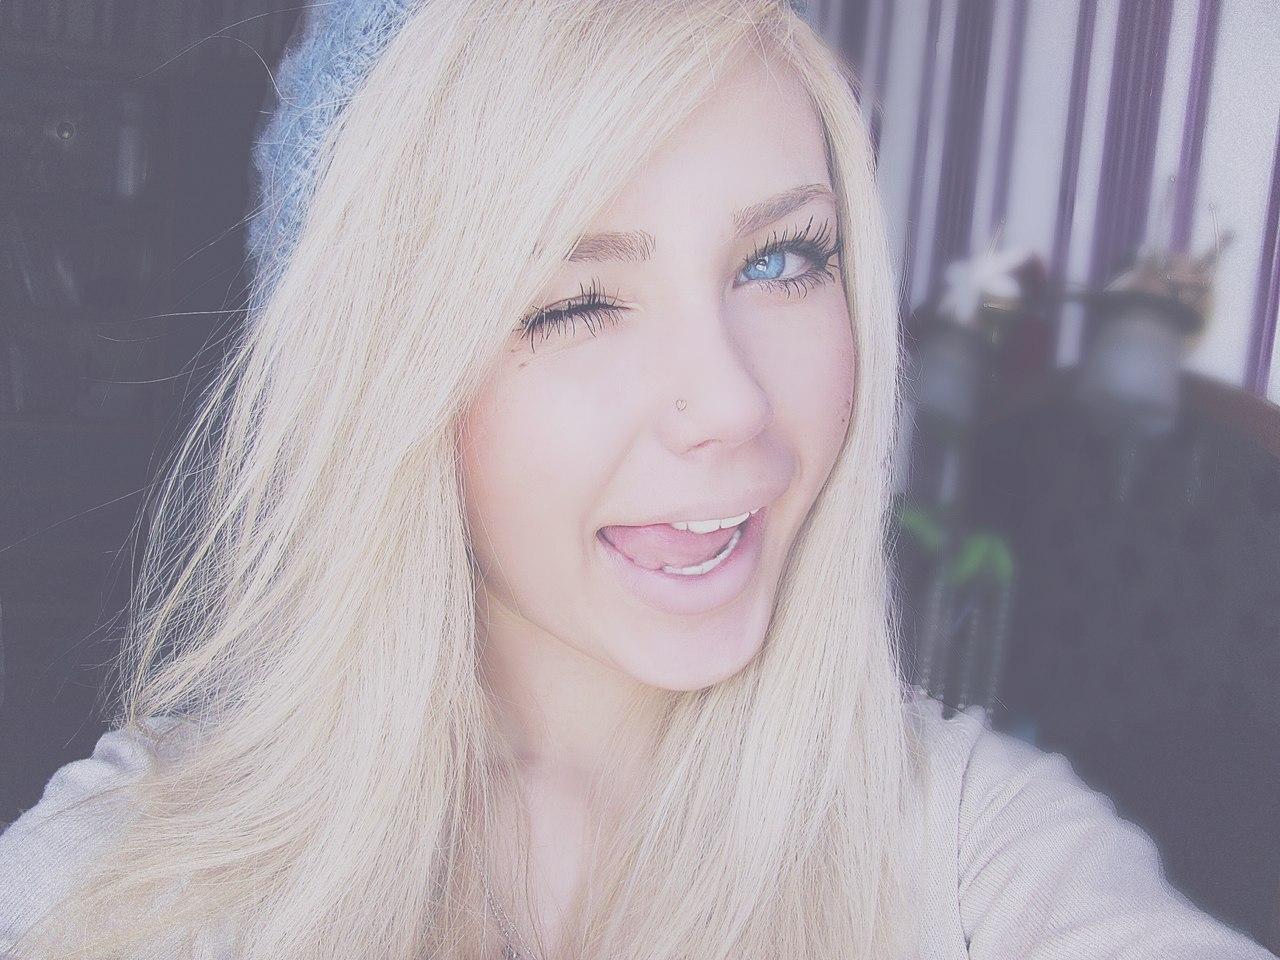 Фото красивых девушек блондинок на аву 17 лет